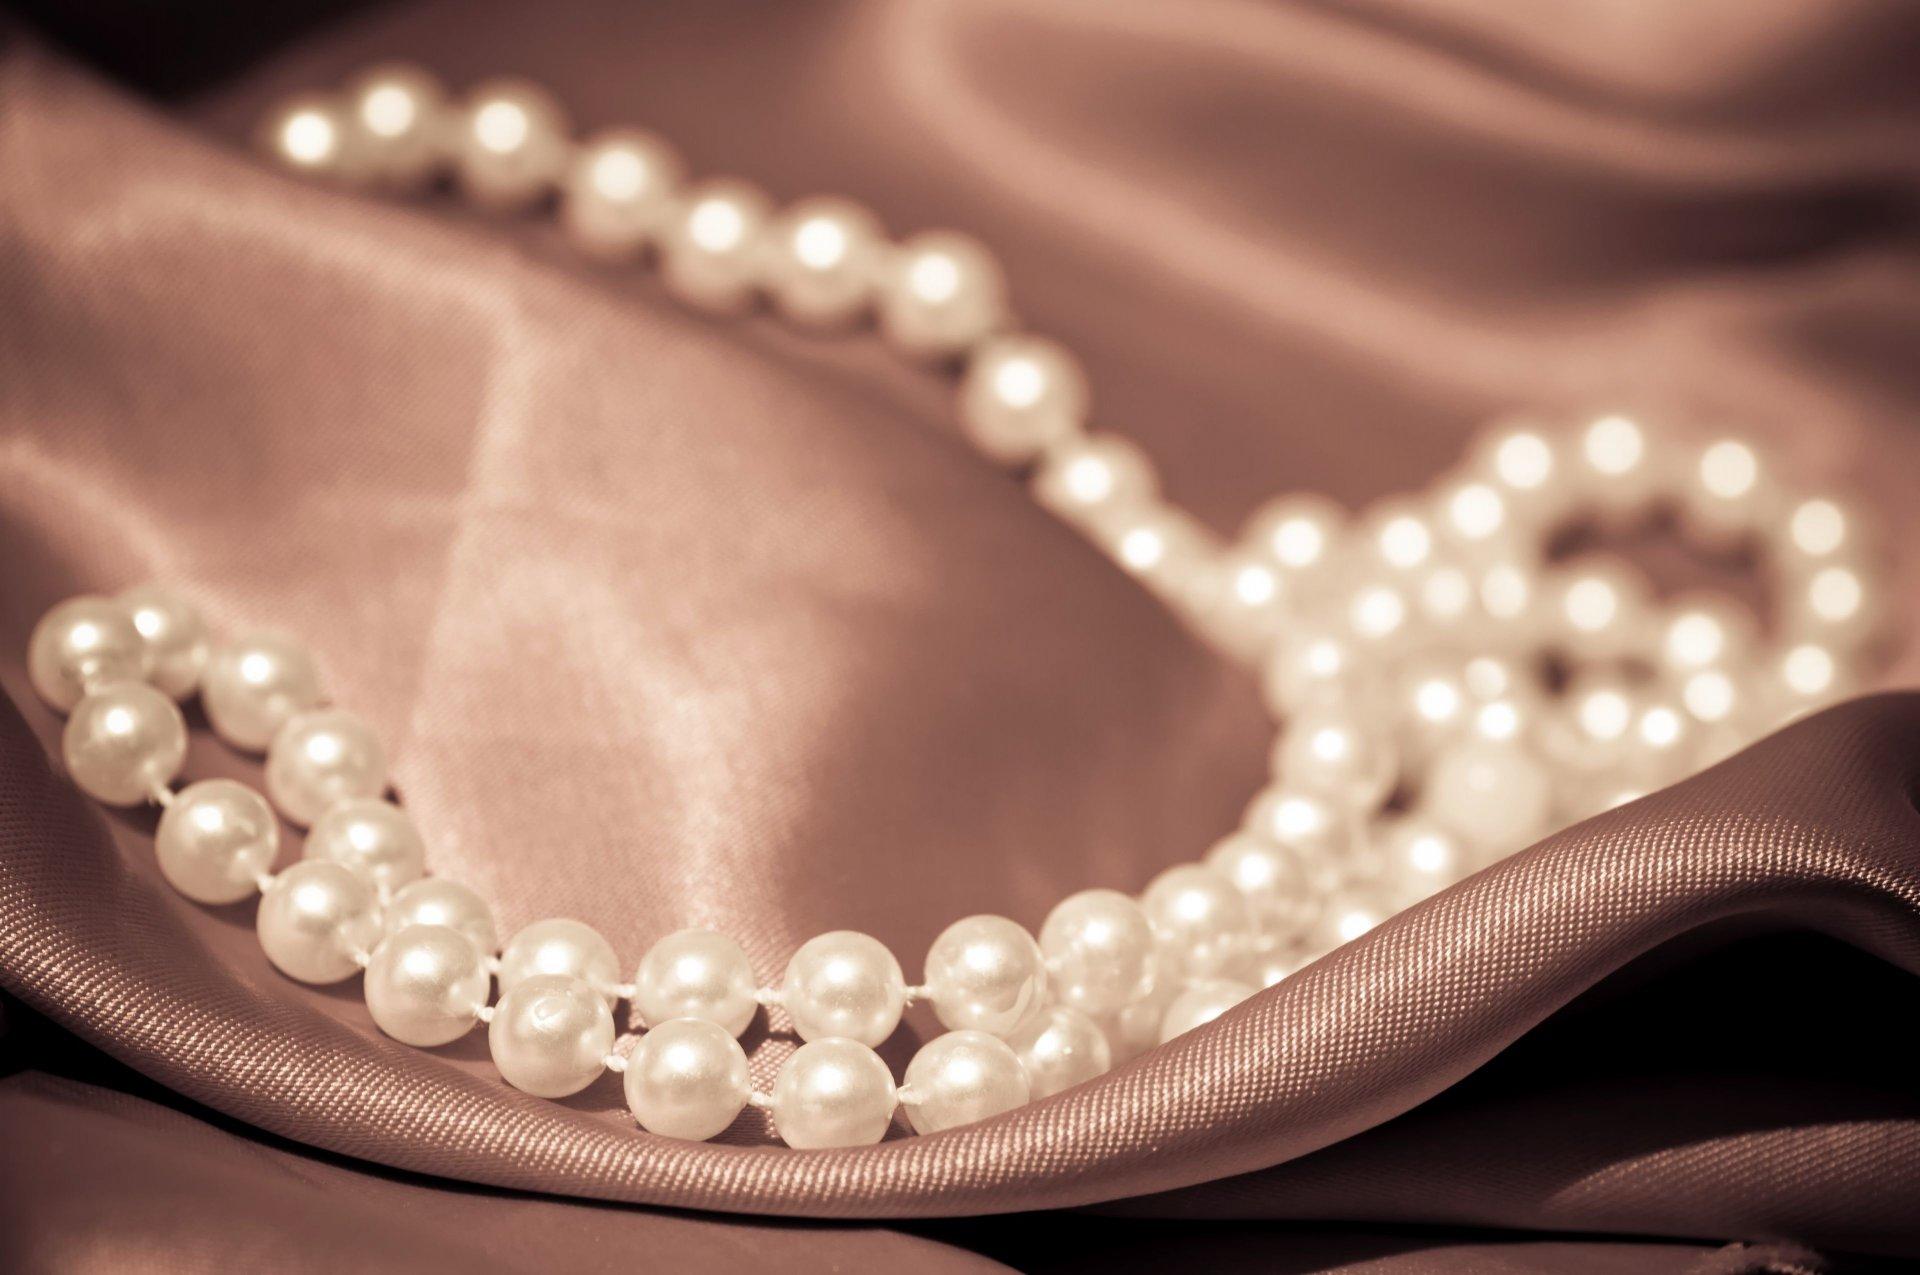 конечно каждого красивые картинки бриллианты и жемчуг два